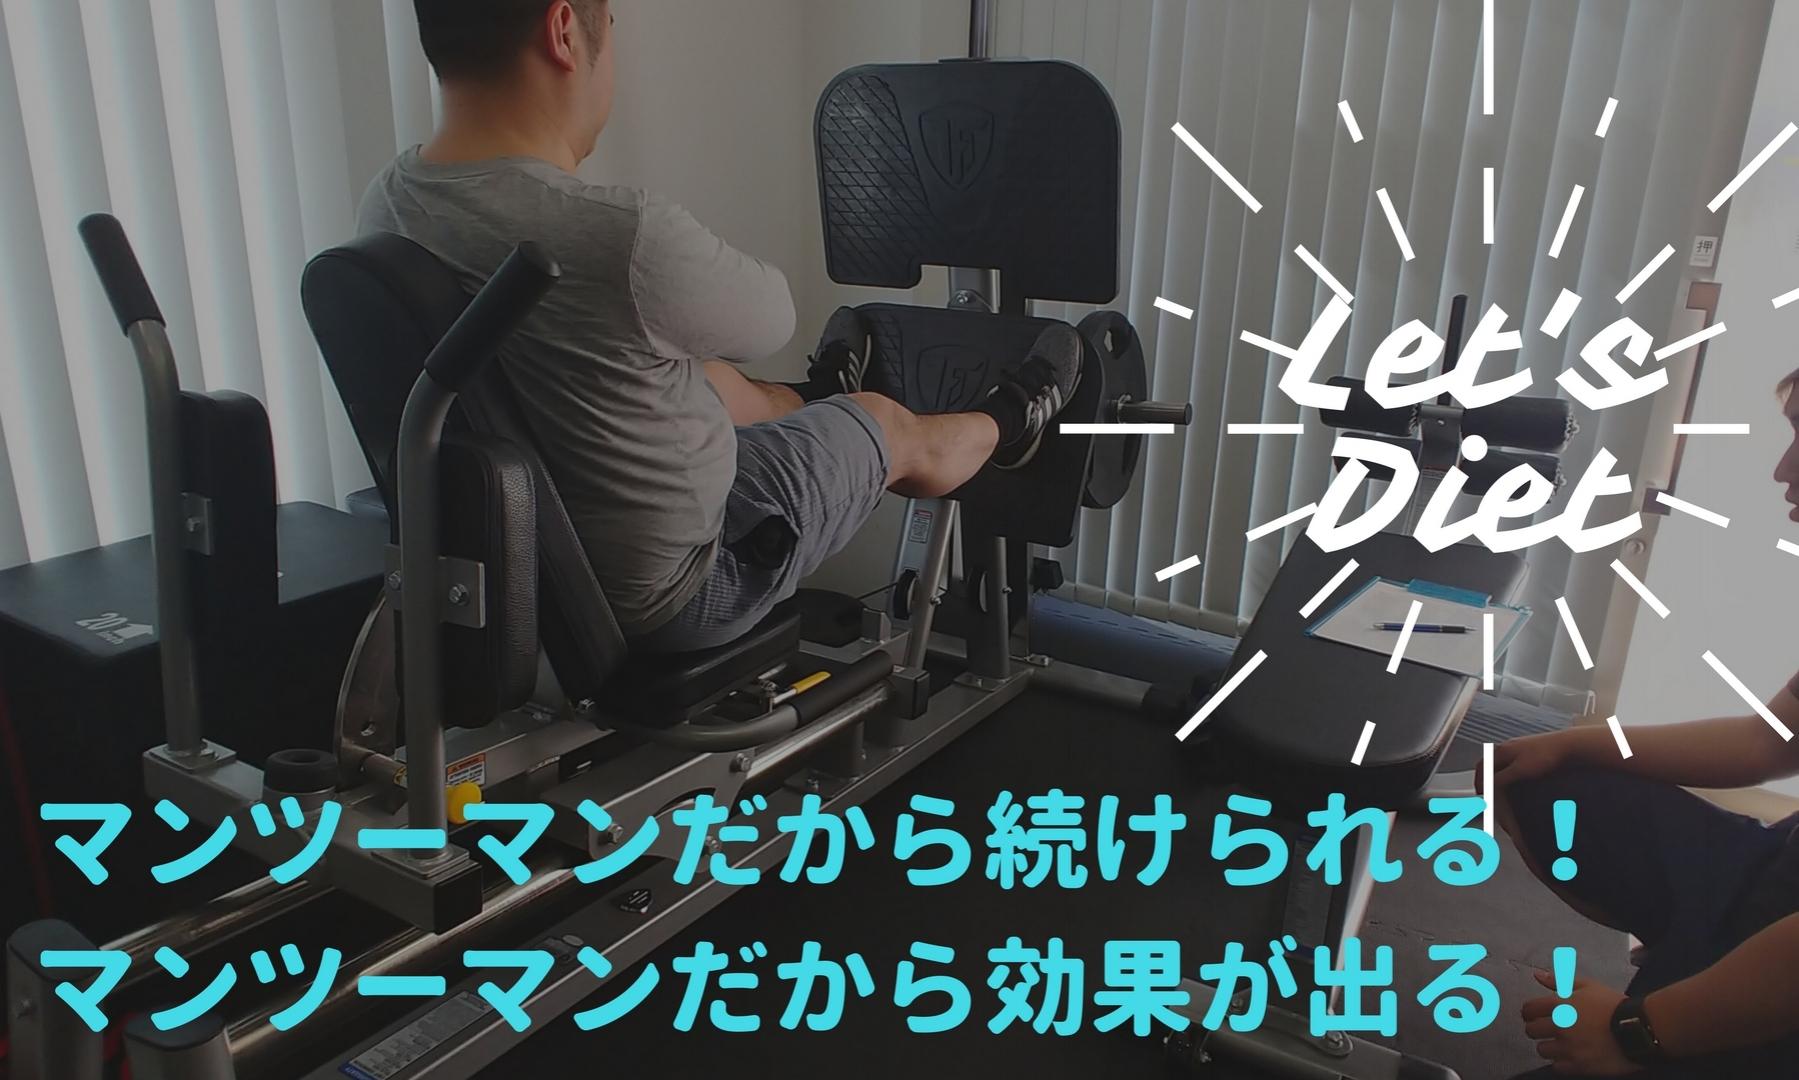 ダイエットするならパーソナルトレーニングがベスト!